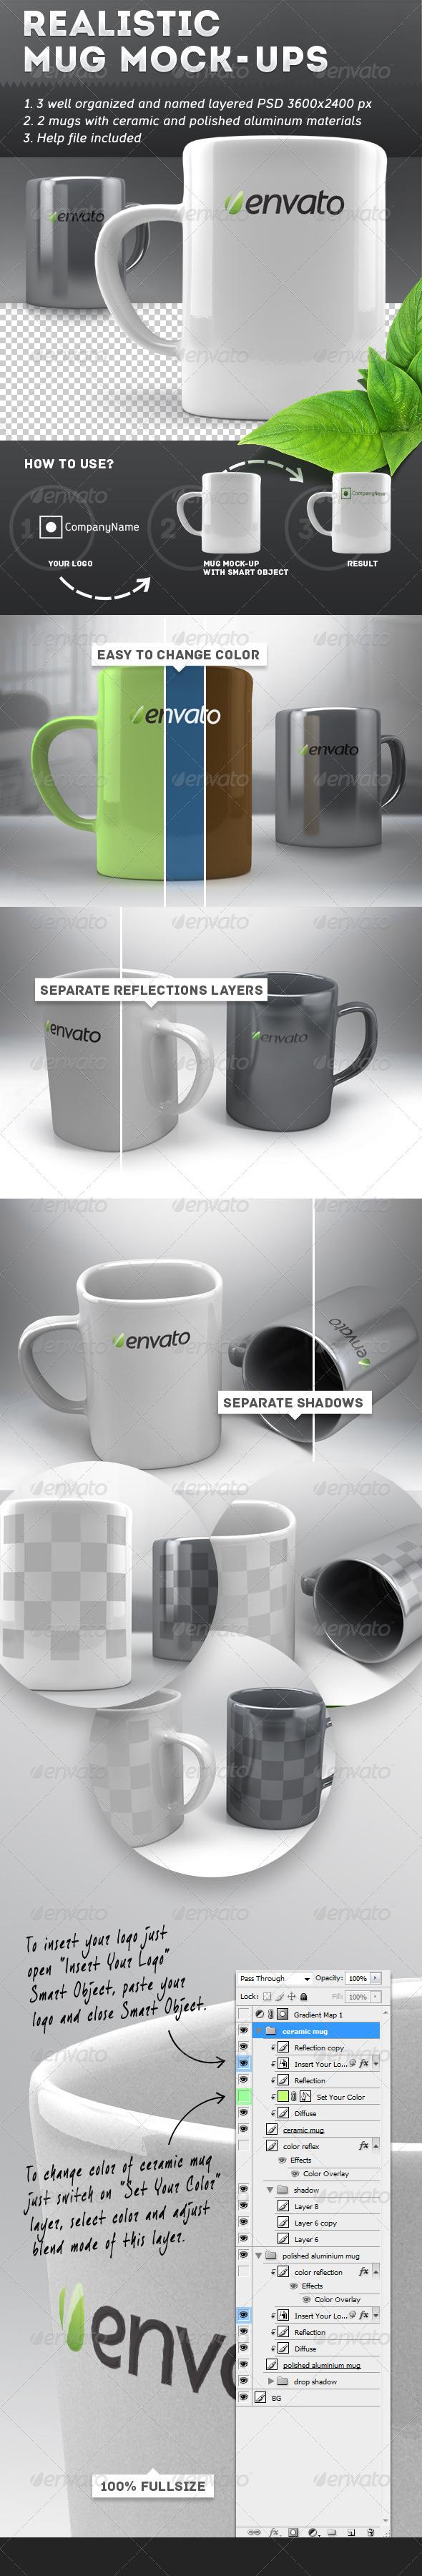 GraphicRiver Realistic Mug Mock-Ups 5314447